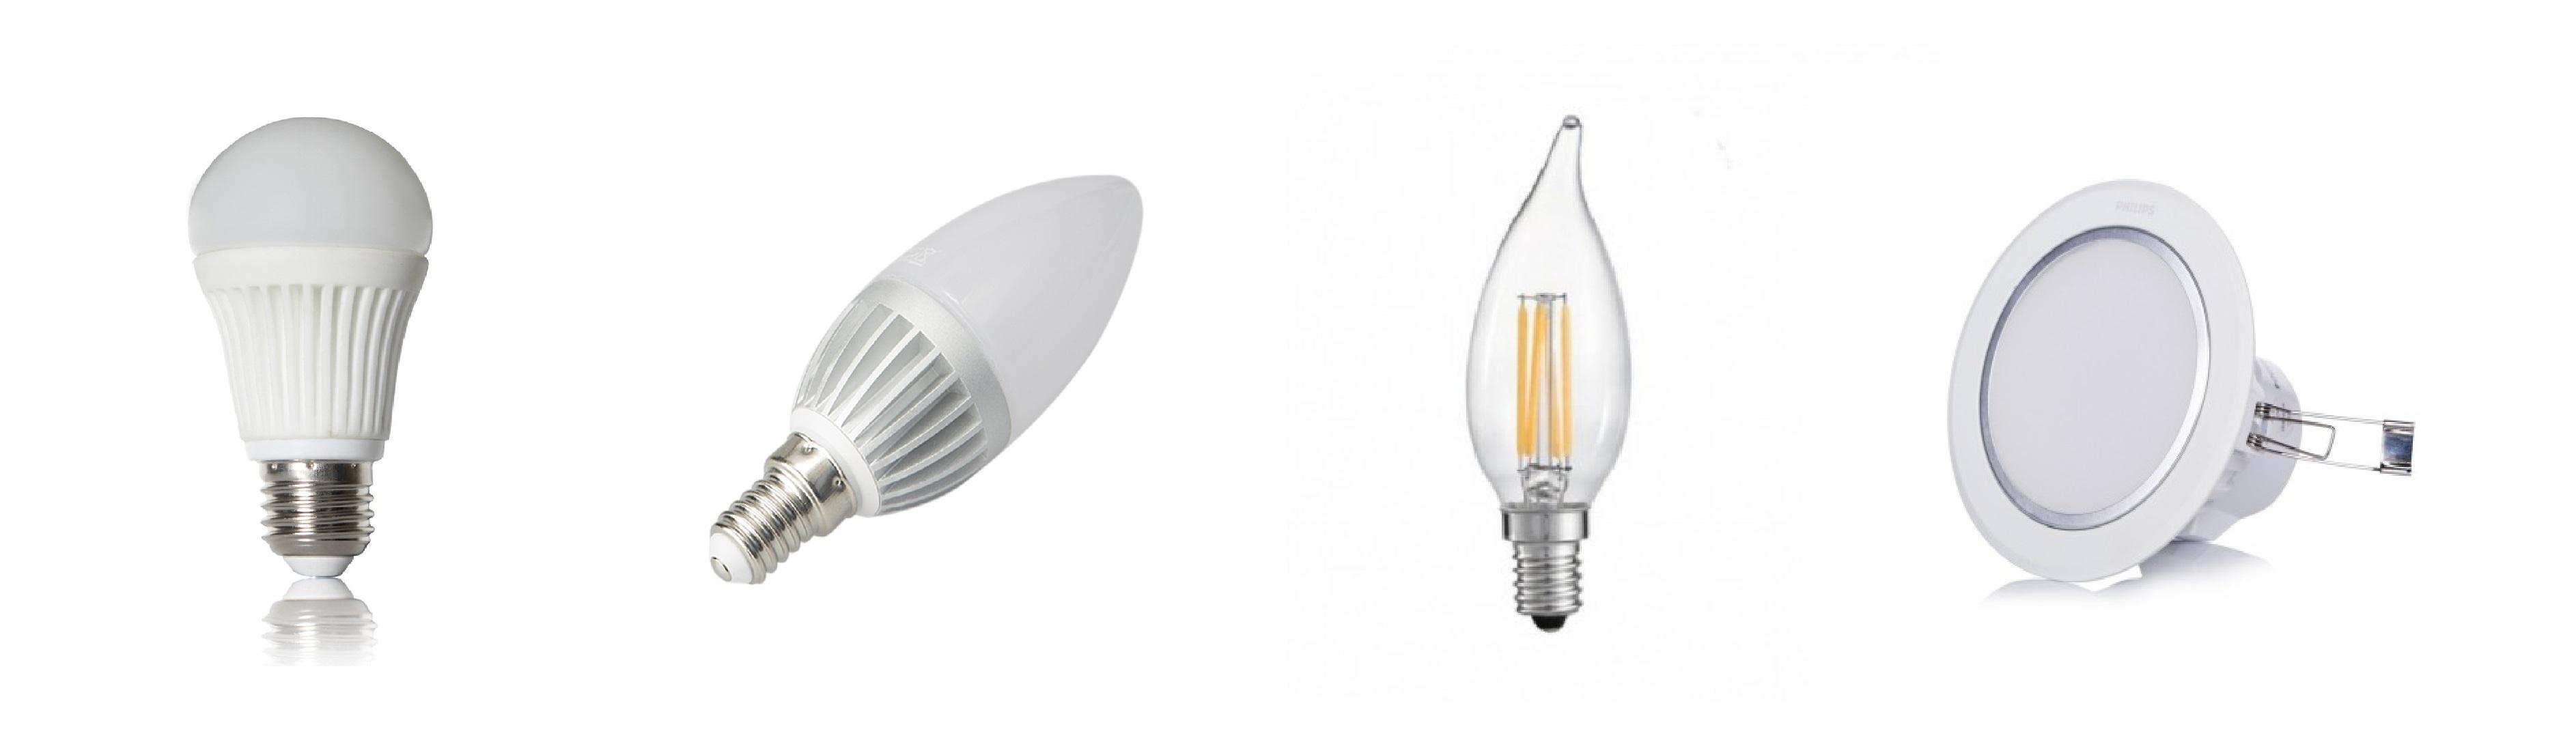 LED Bulbs List 1